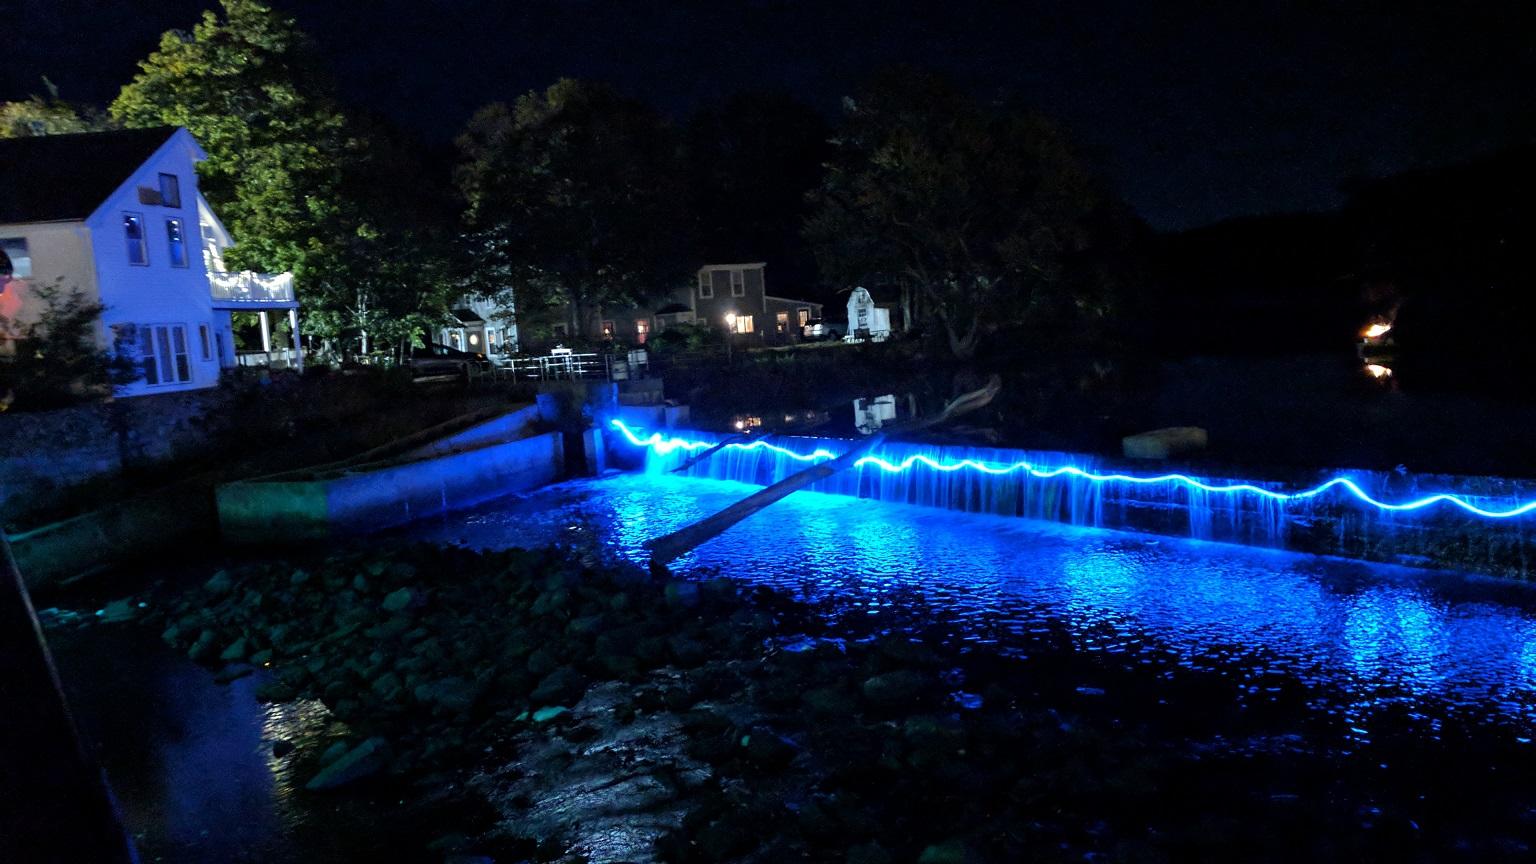 Ipswich Illuminated 2017